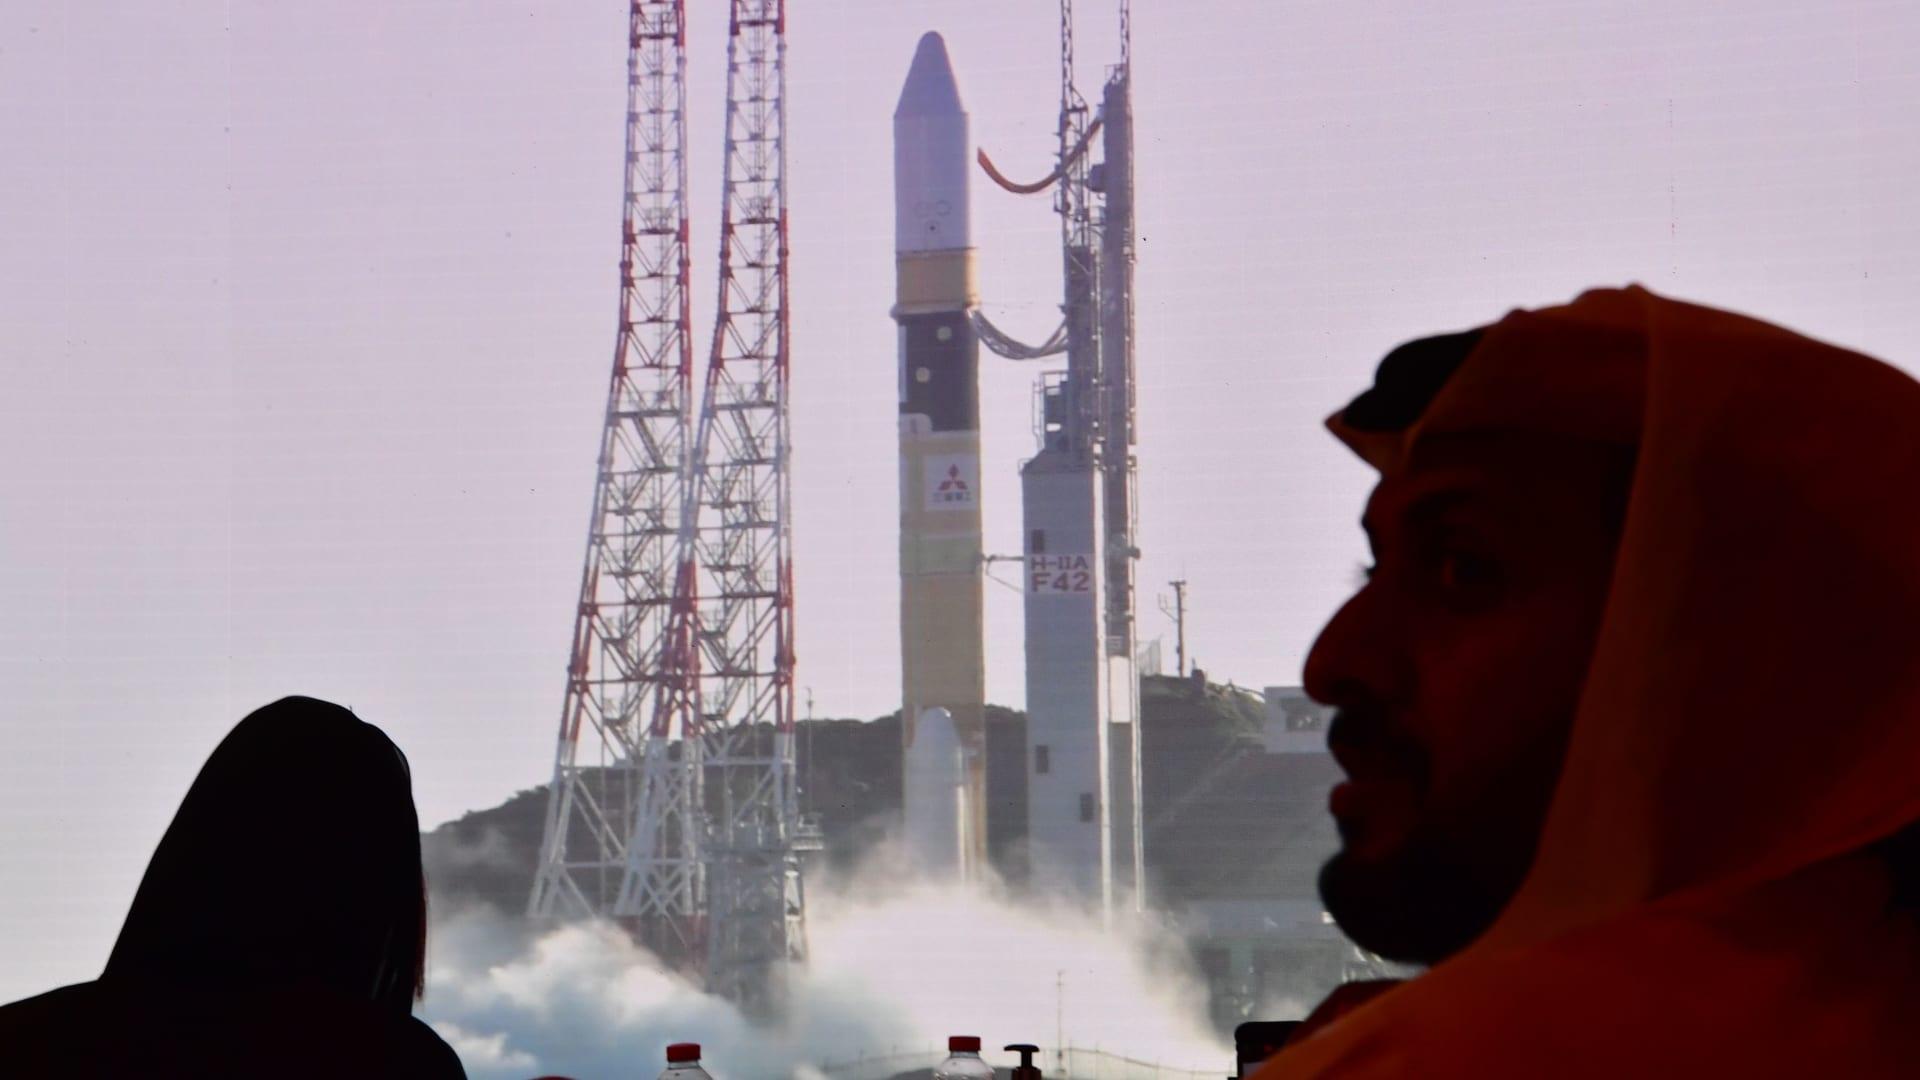 شاهد.. اللحظات الأولى لانطلاق مسبار الأمل إلى كوكب المريخ